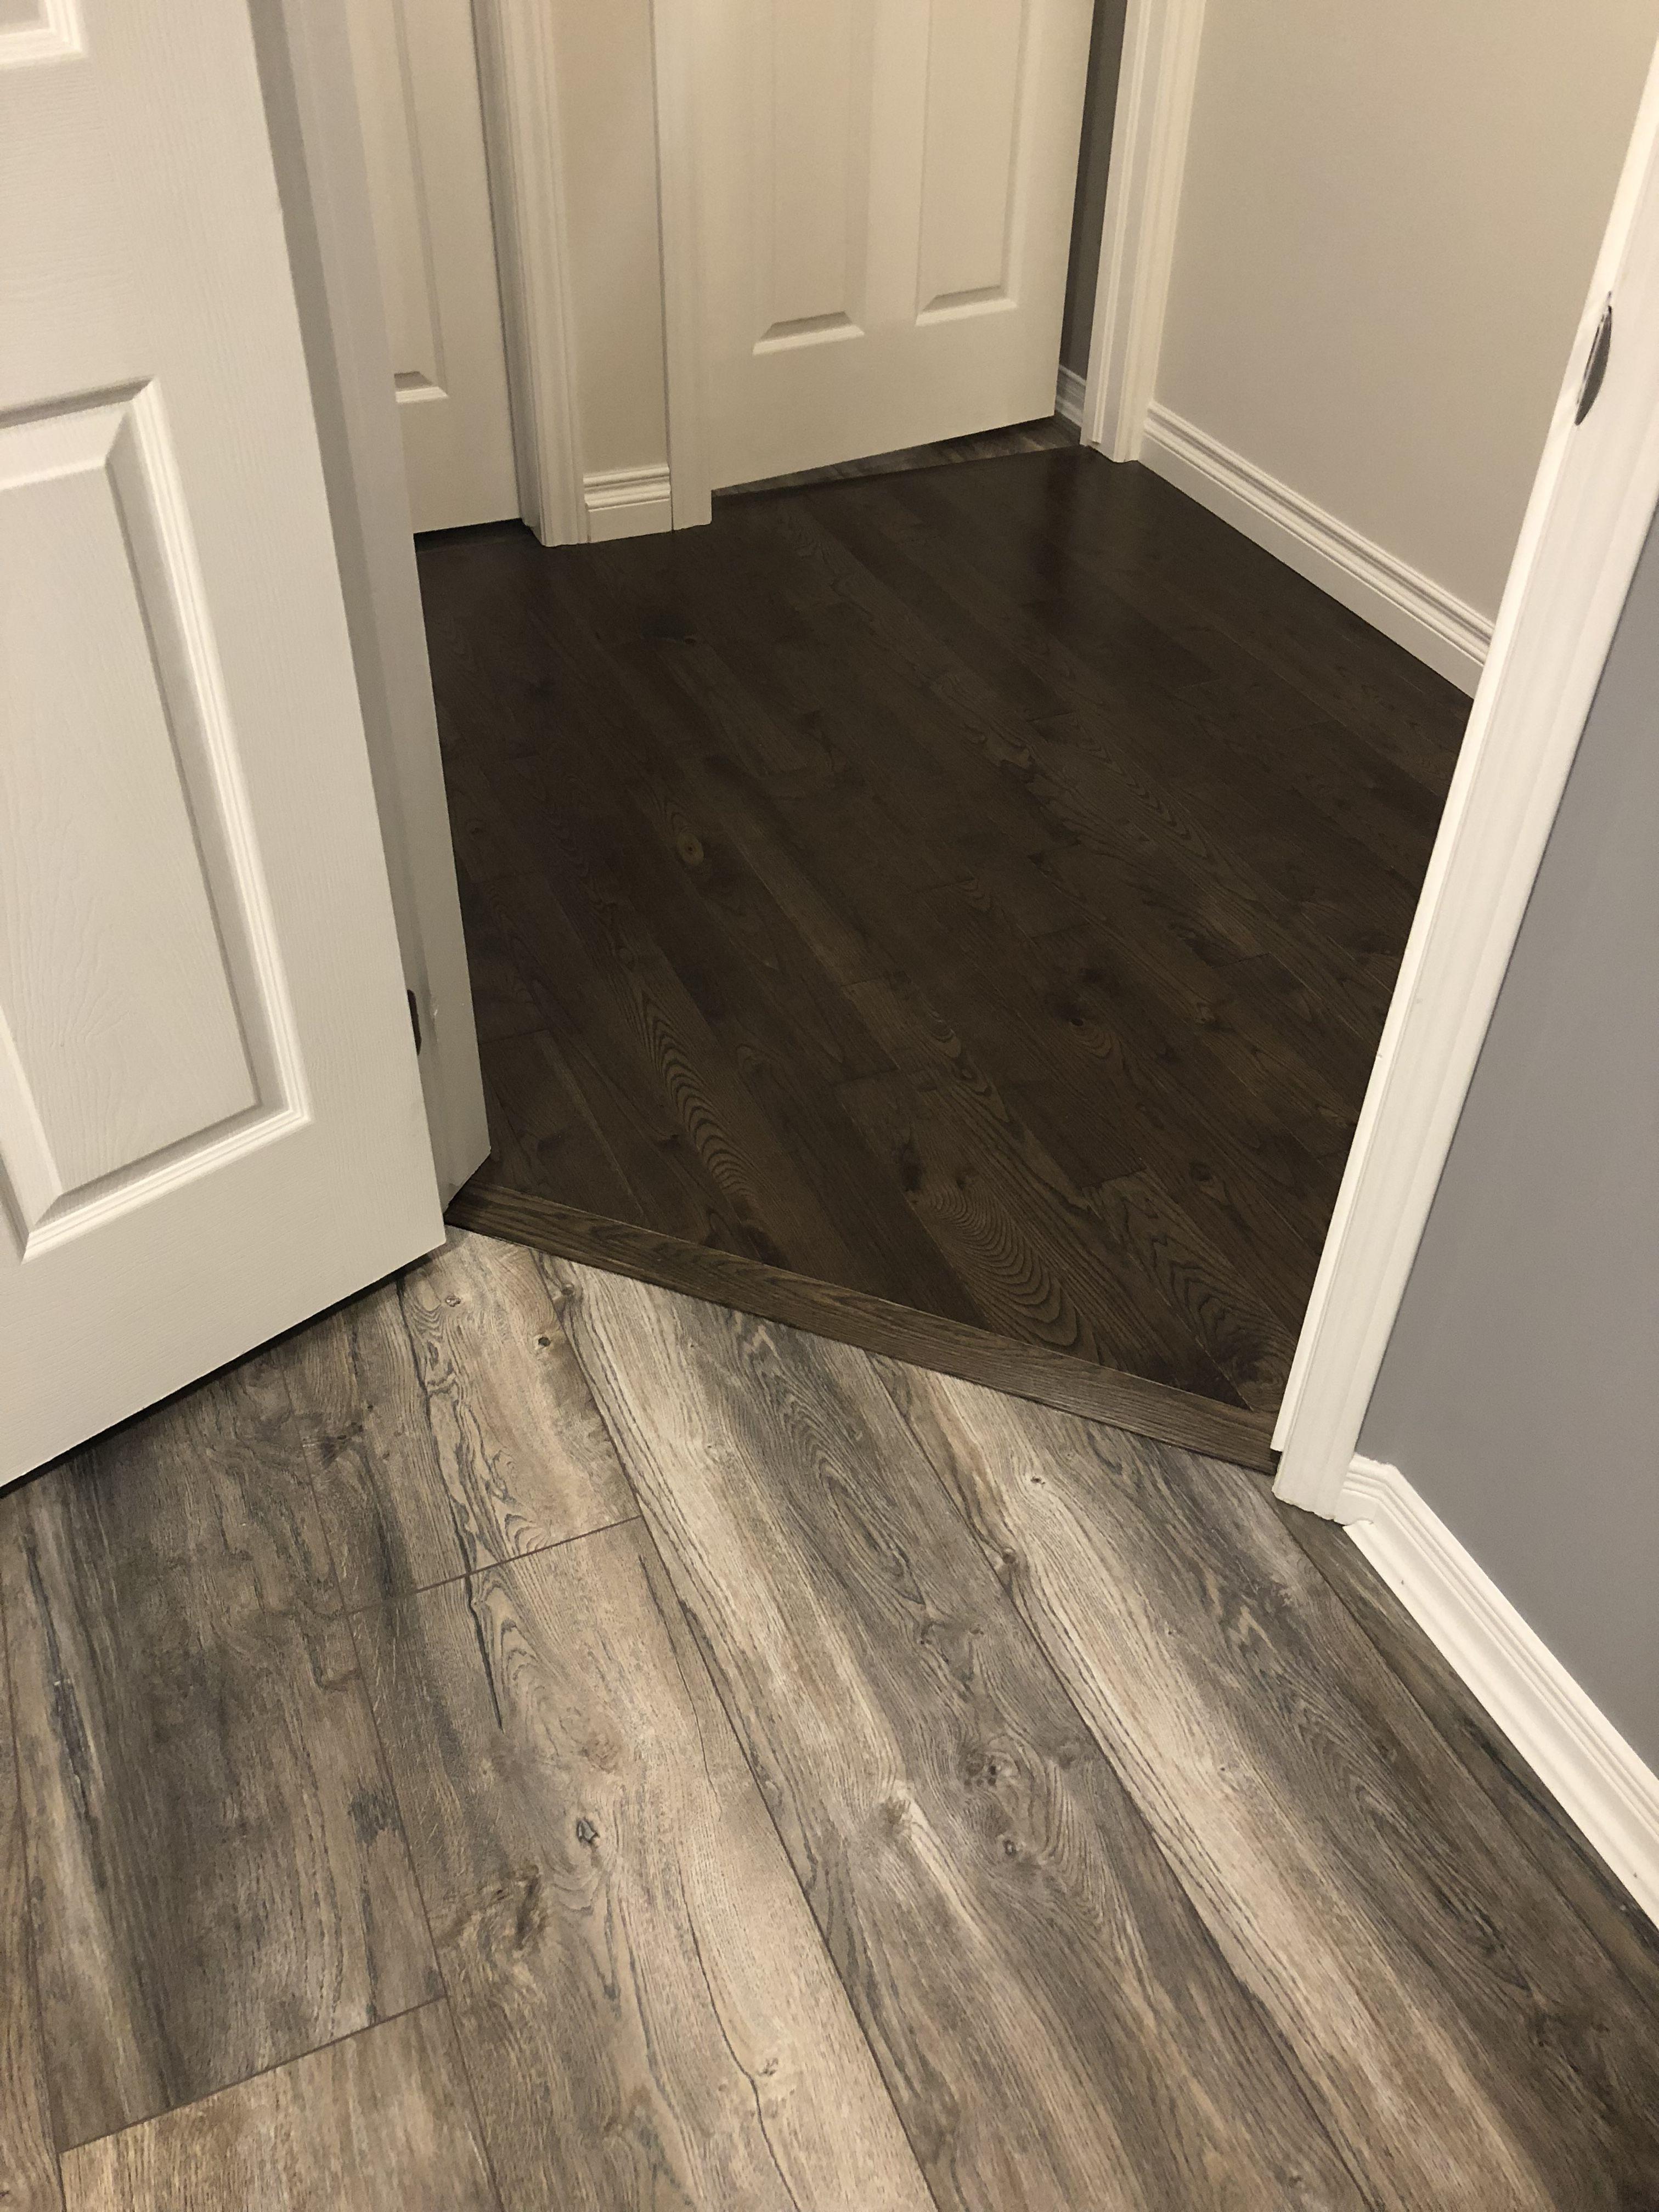 Laminate To Hardwood Transition Flawless Flooring Transition Flooring Living Room Flooring